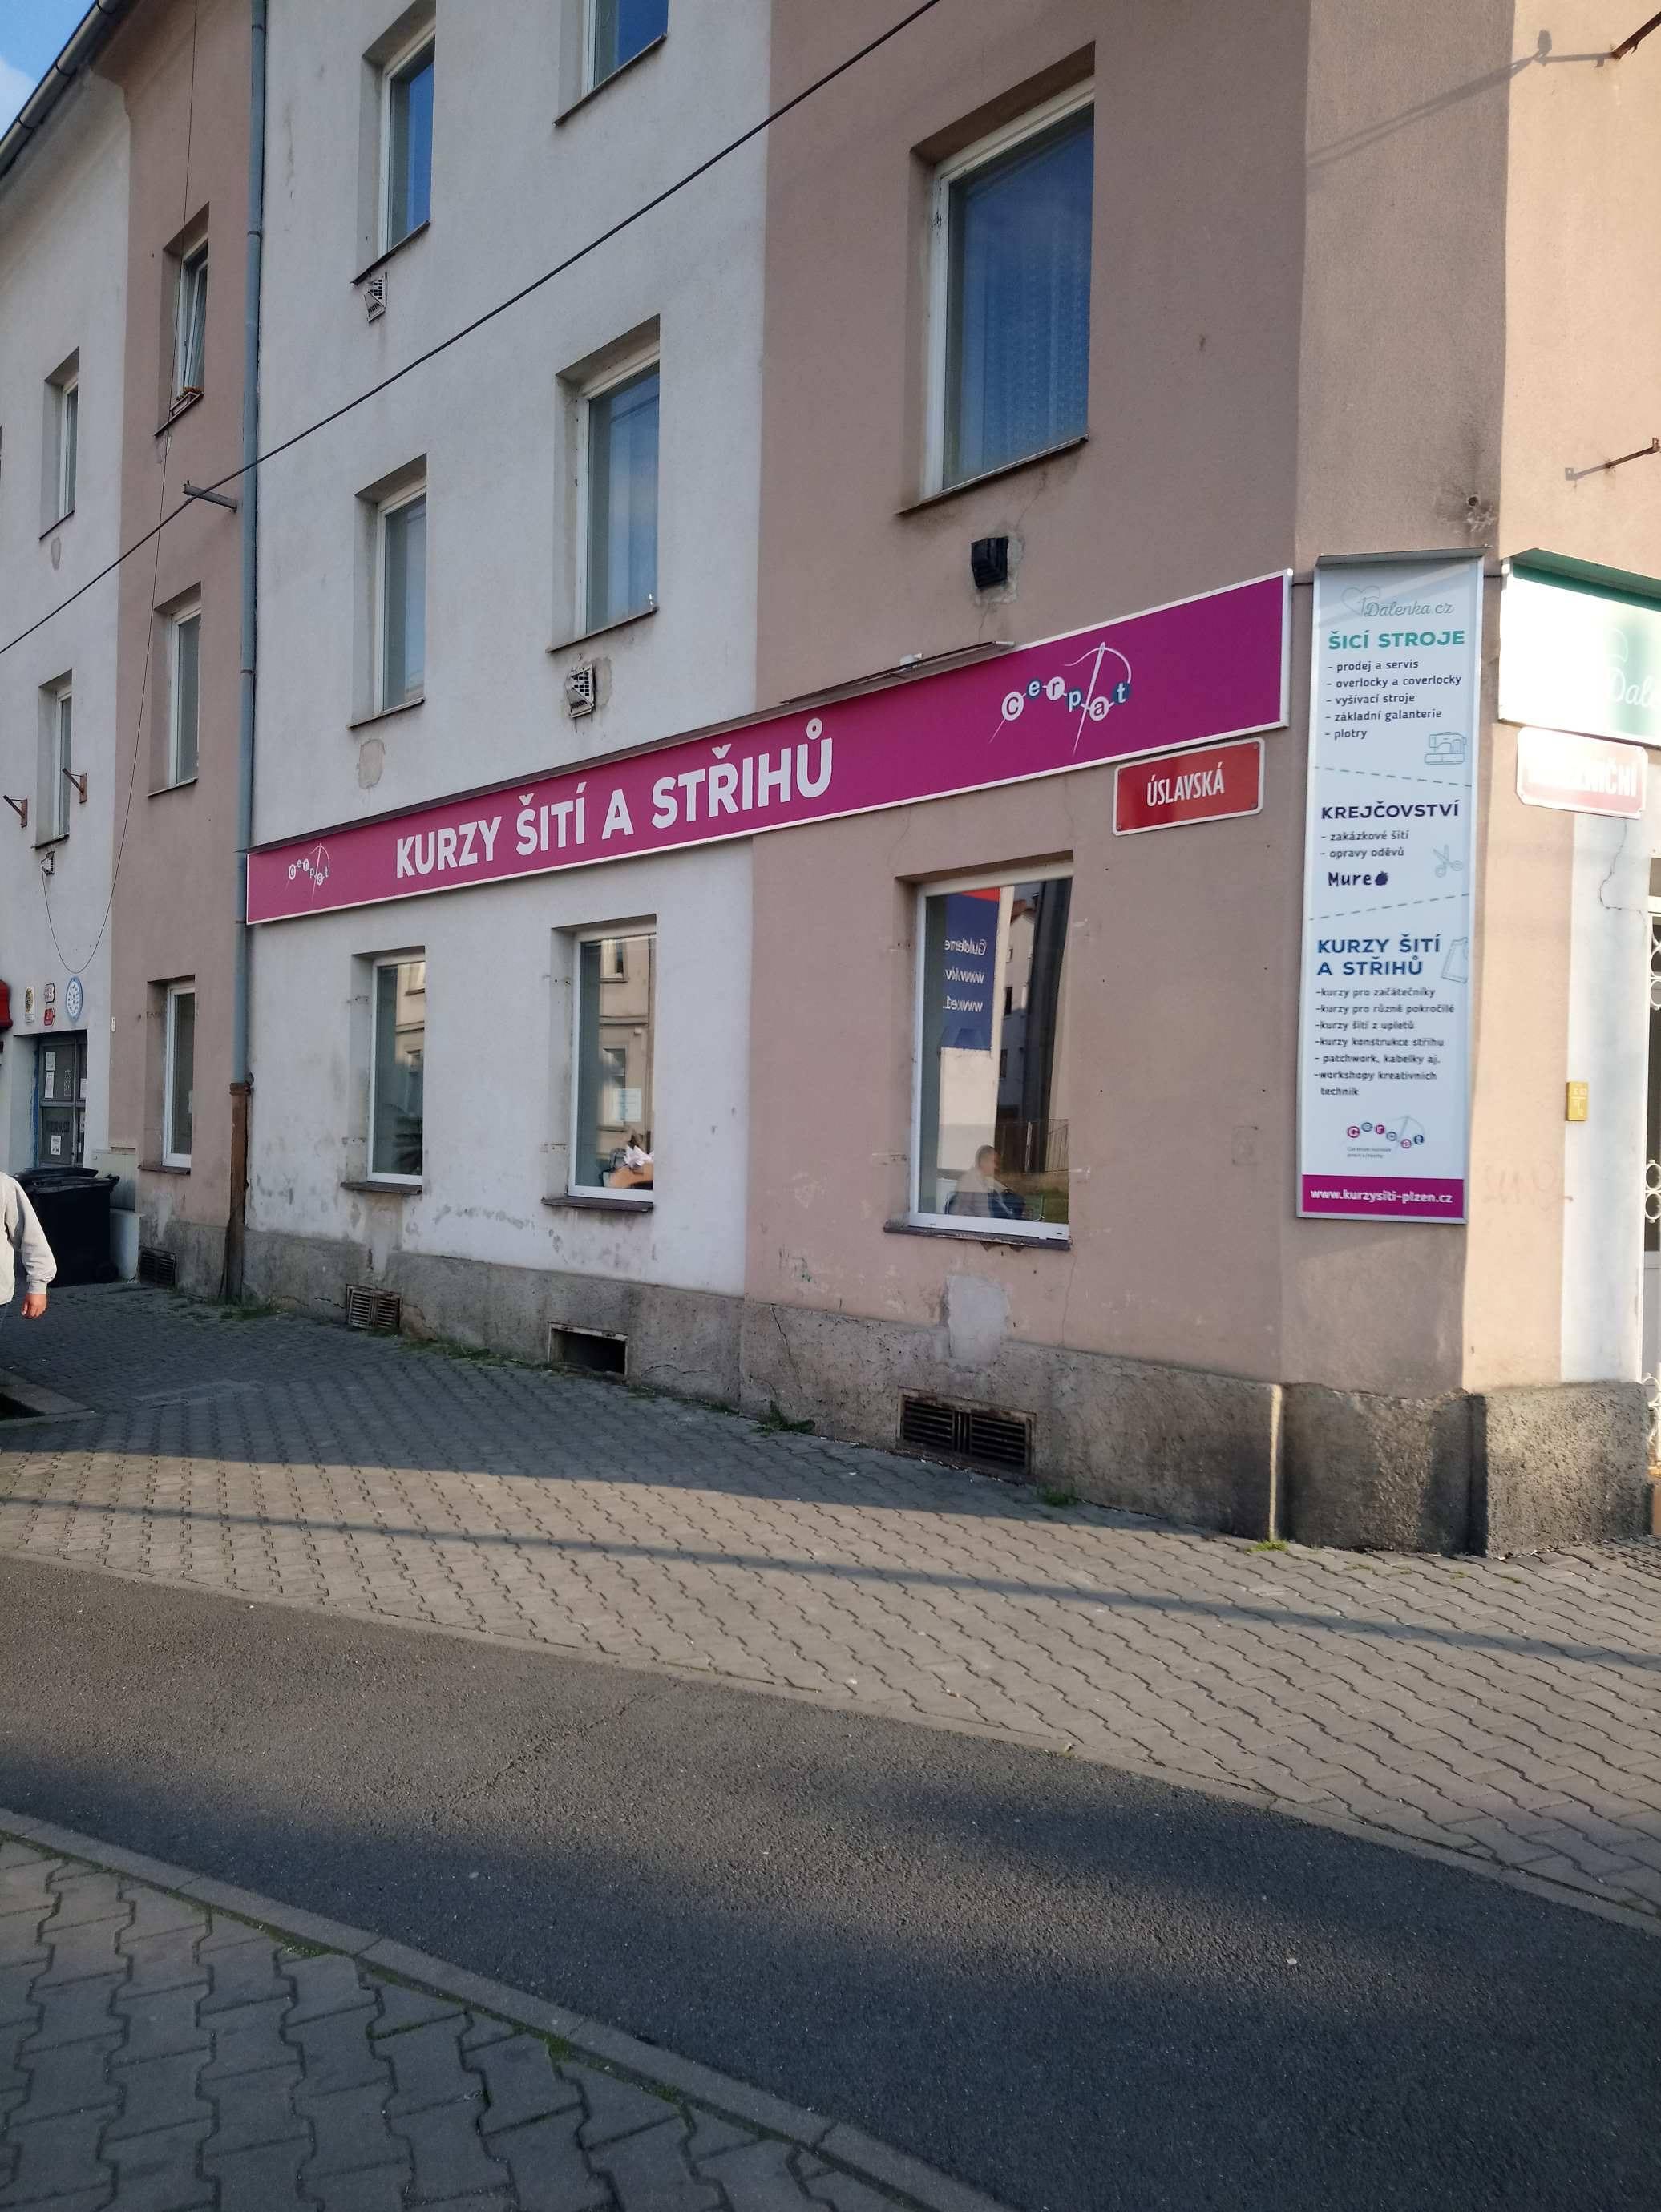 Kamenná prodejna Dalenka.cz